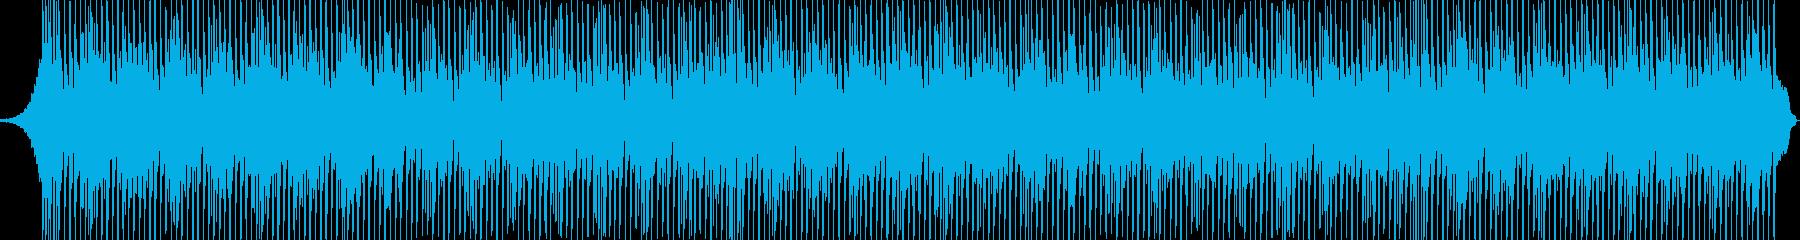 【クリスマス】ラミーなアイコ メロなしの再生済みの波形